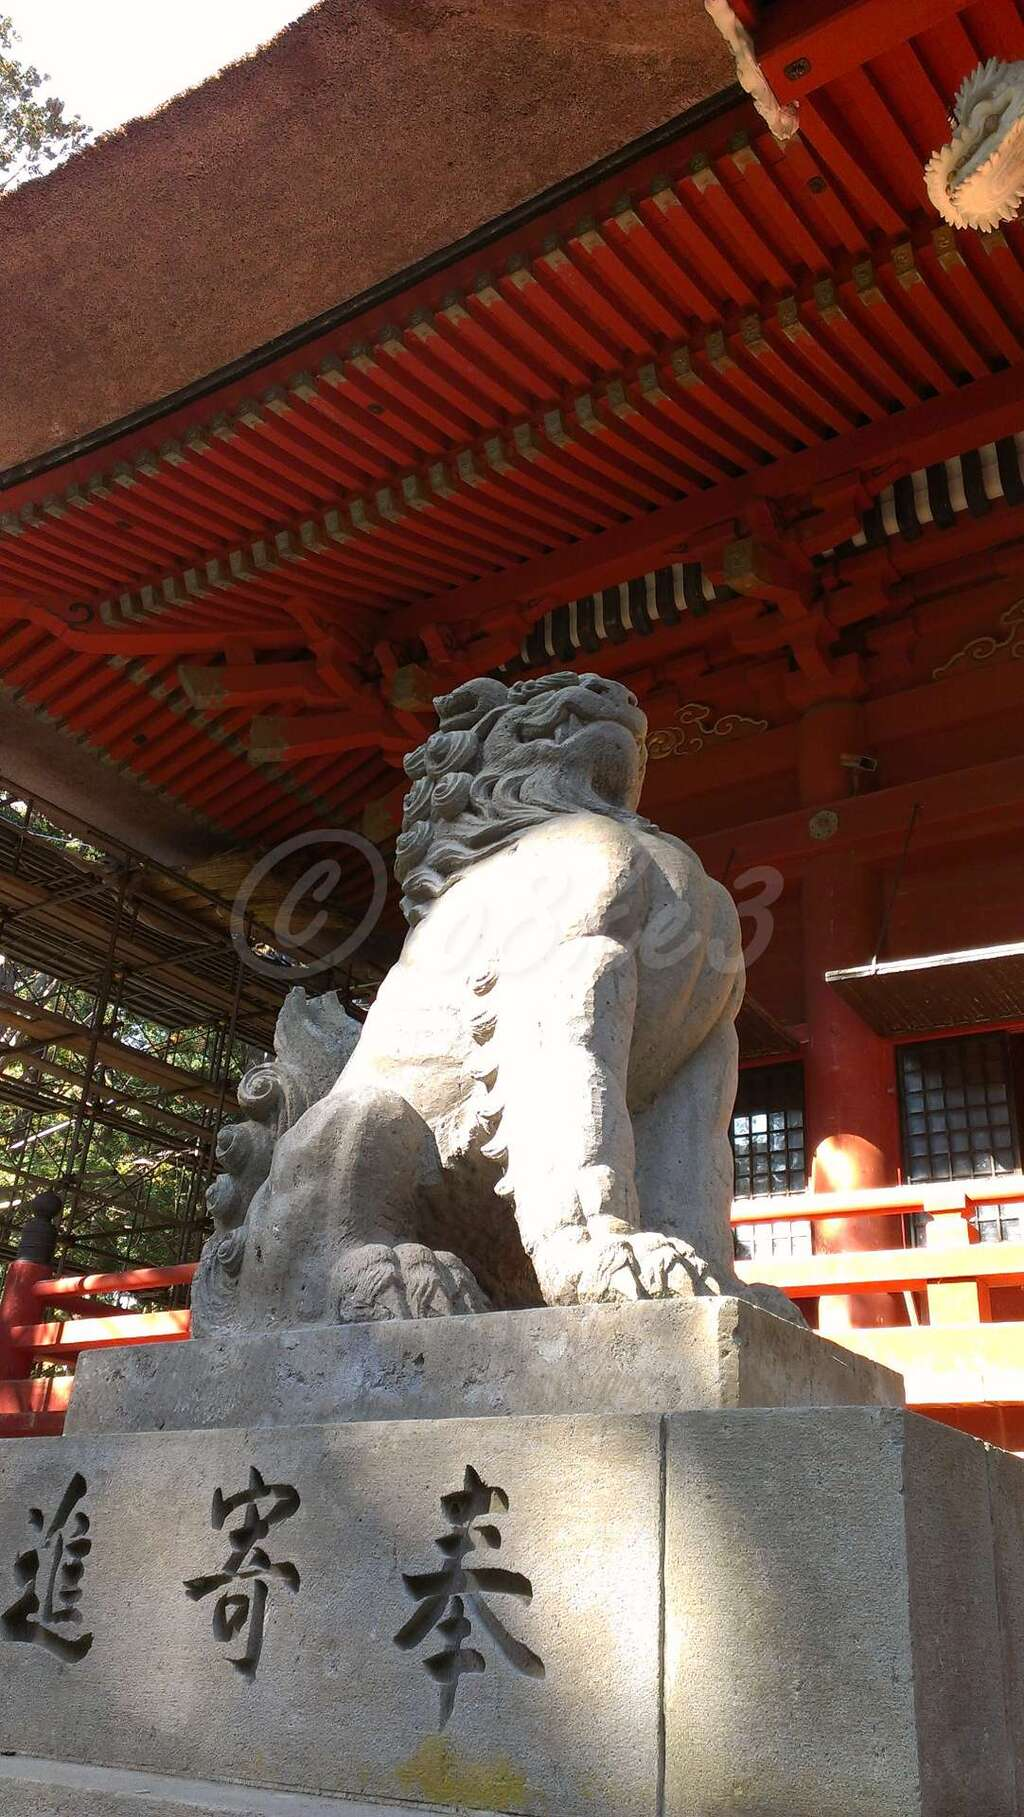 出羽神社(出羽三山神社)~三神合祭殿~の狛犬